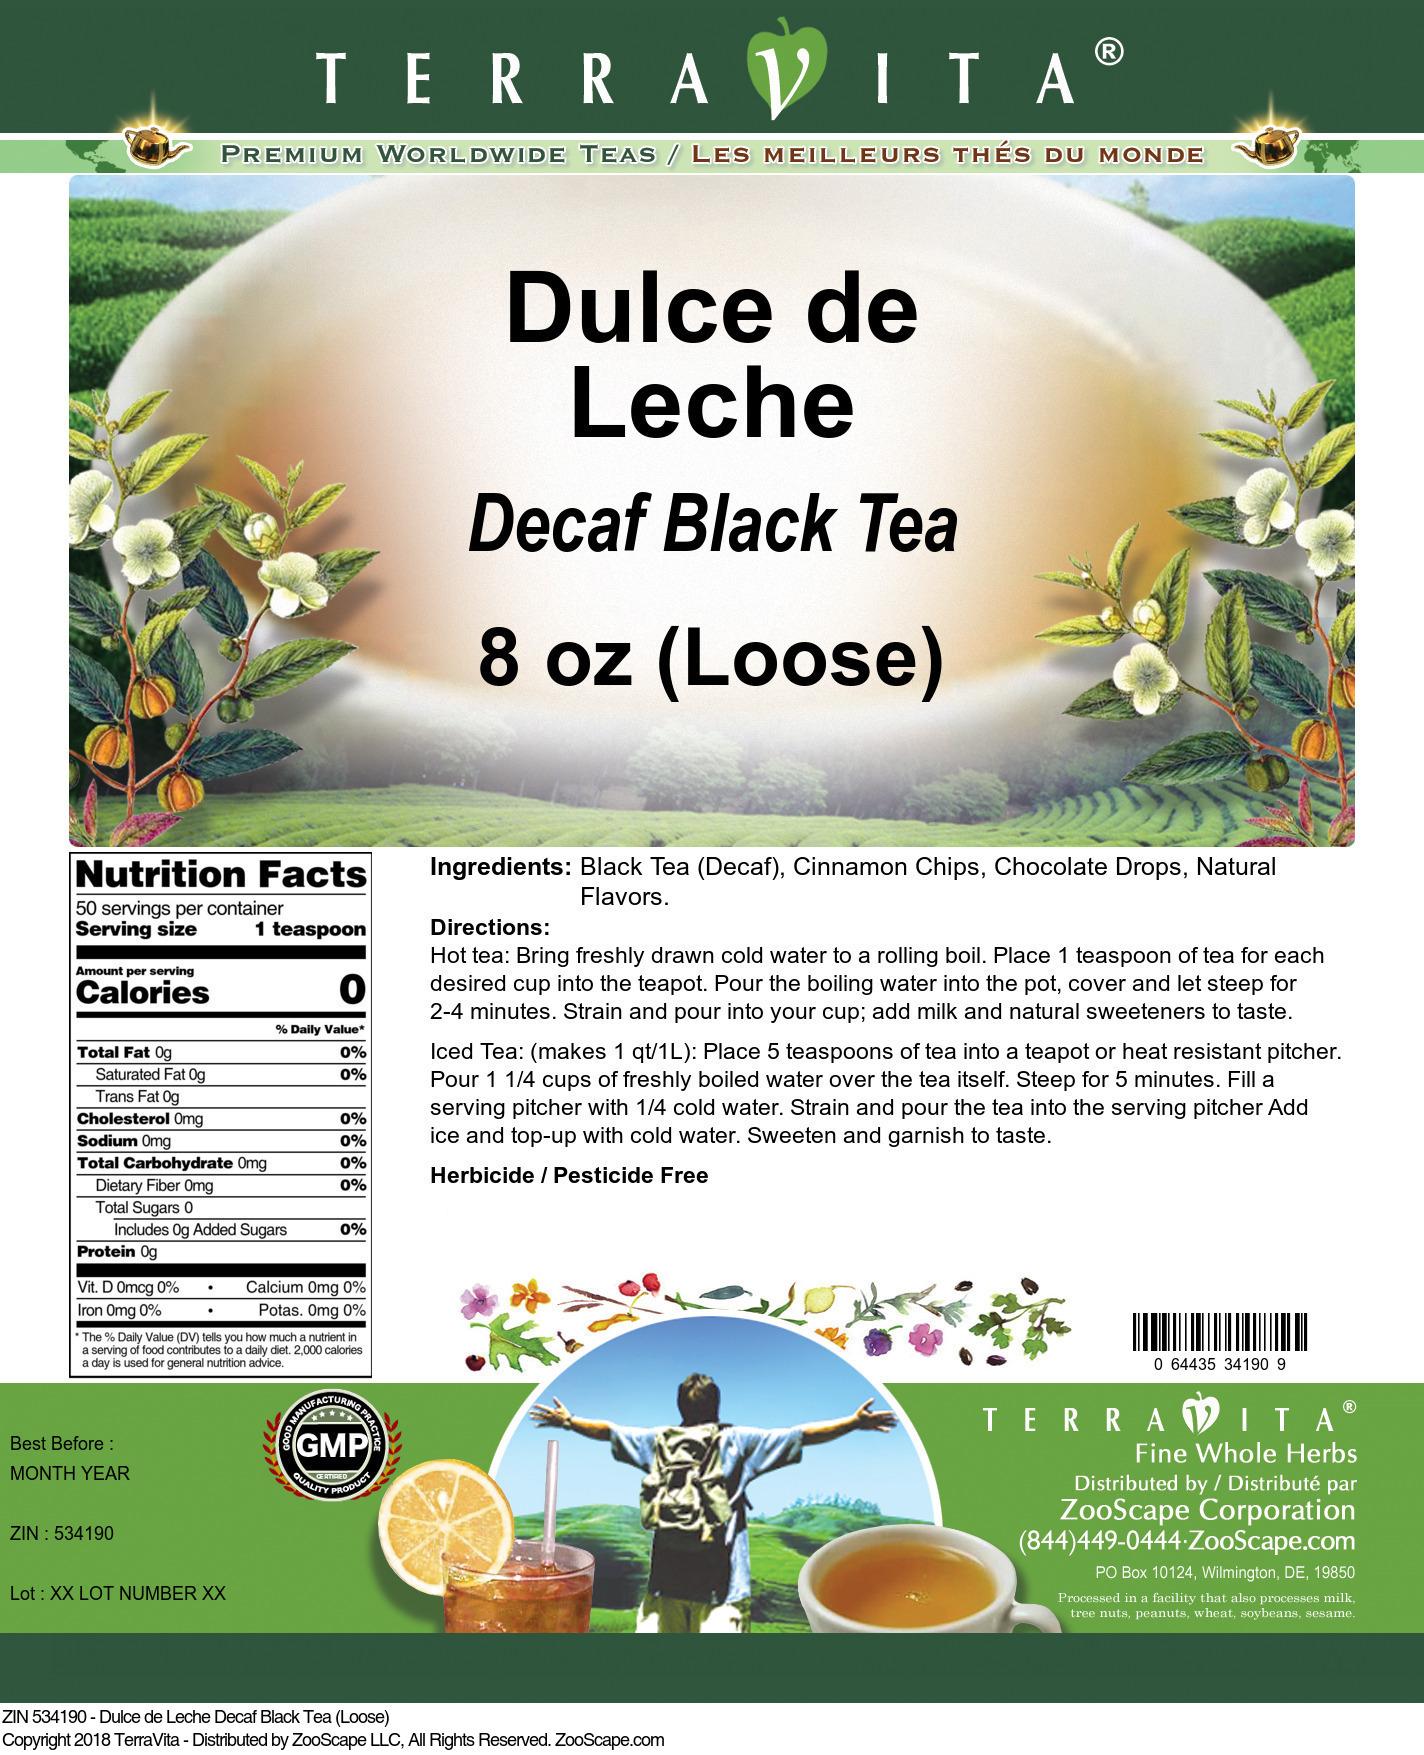 Dulce de Leche Decaf Black Tea (Loose)